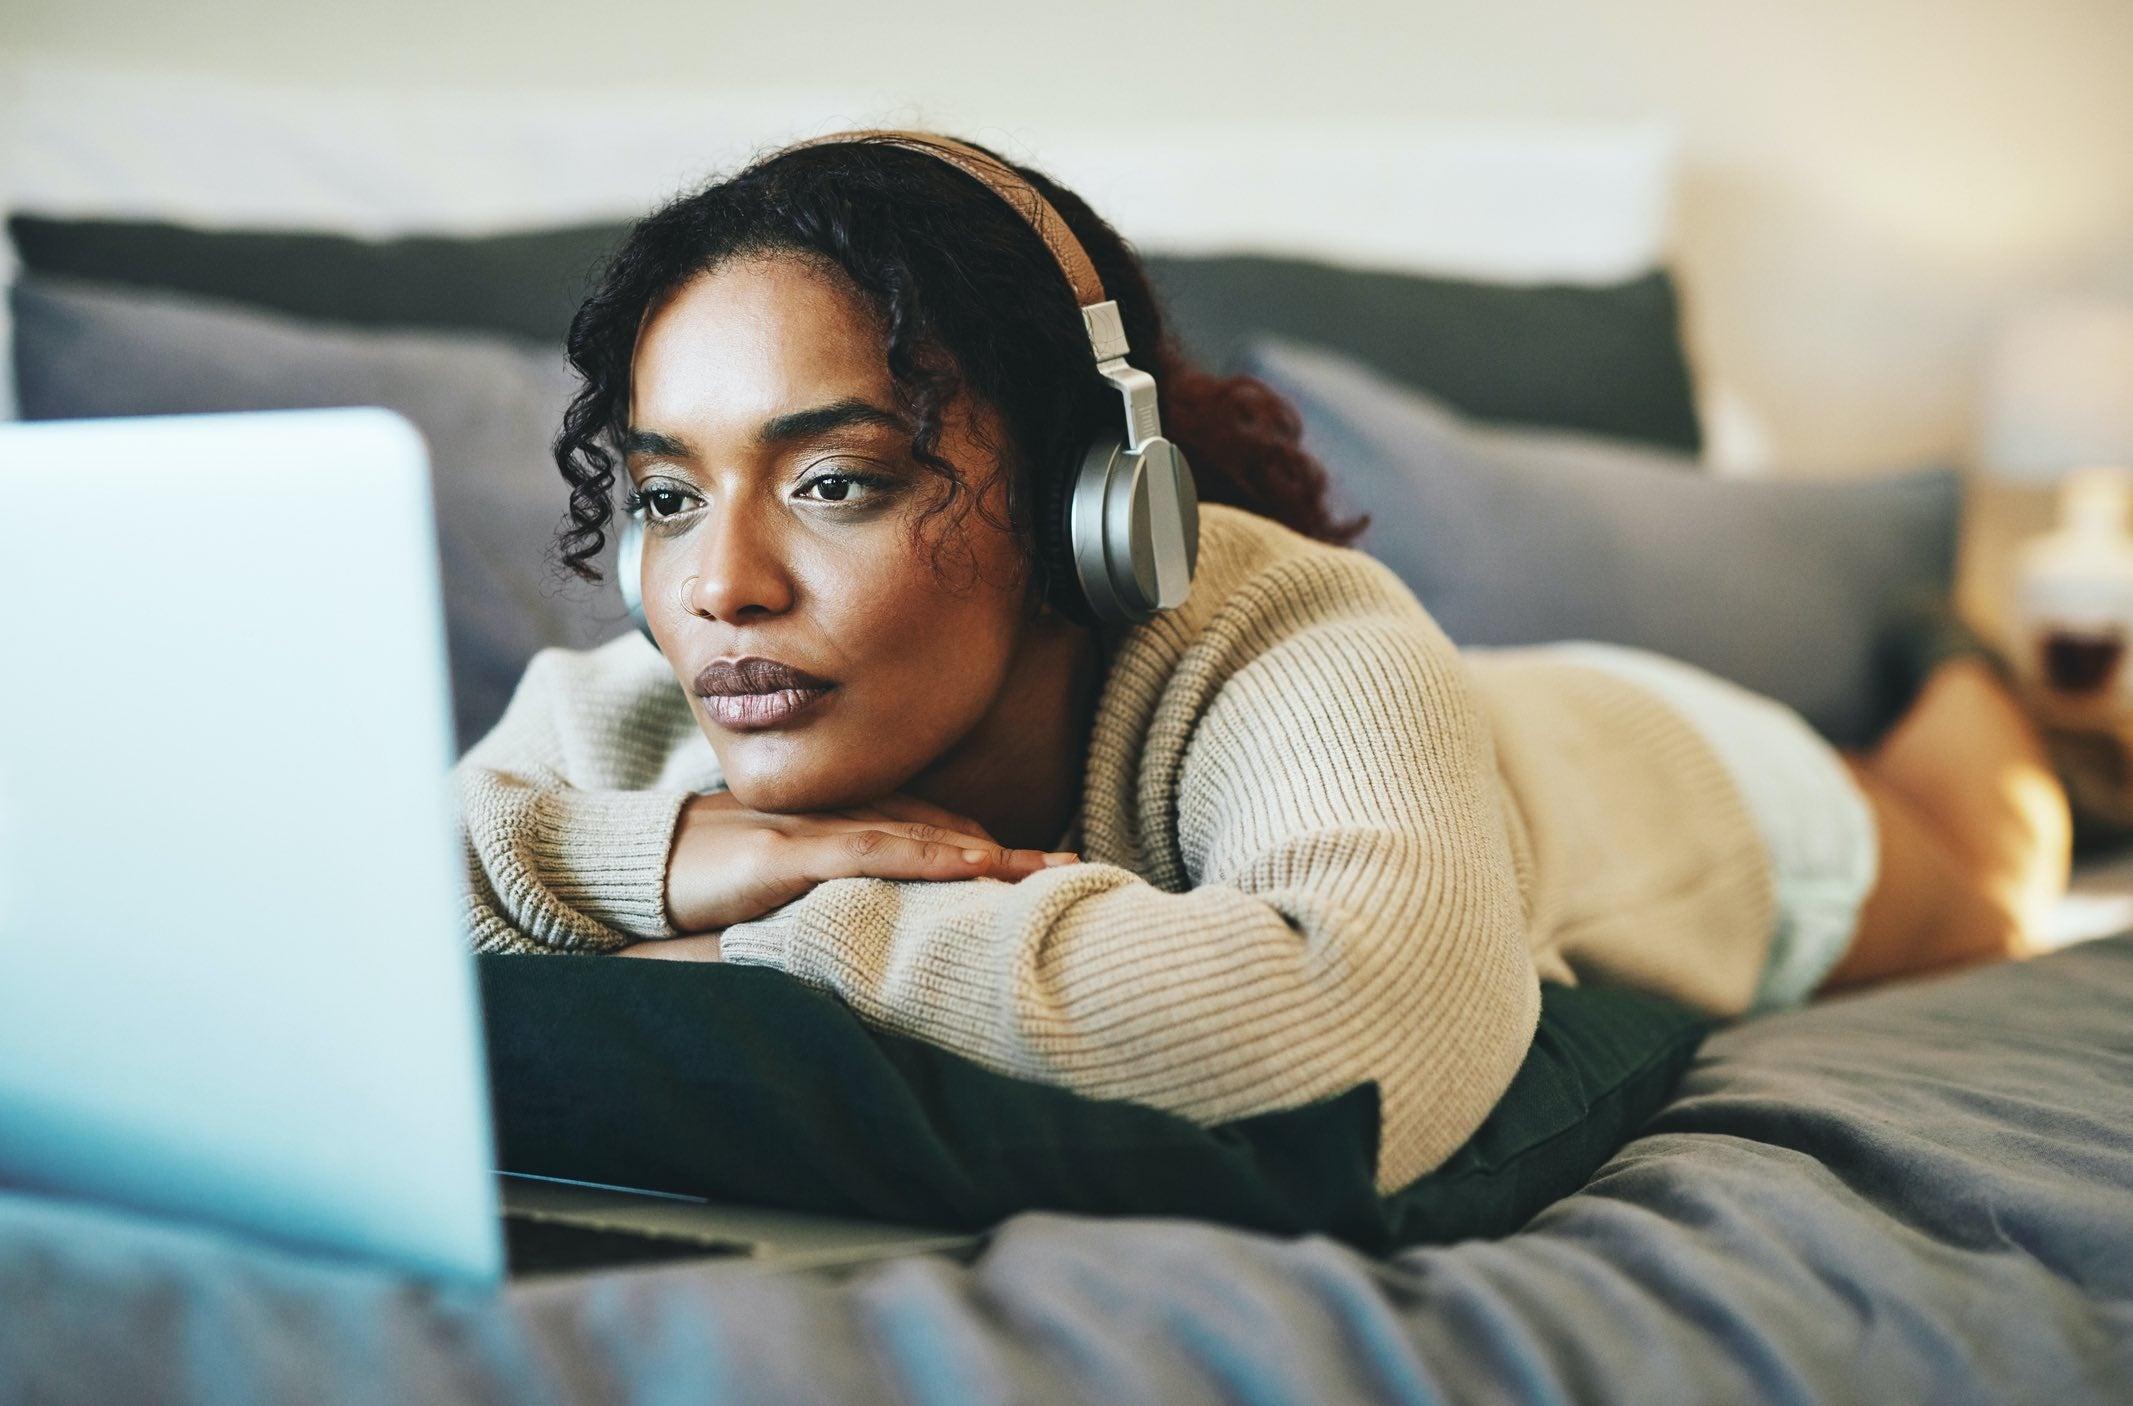 فقدان الشغف بالأعمال السابقة من أعراض متلازمة الكوخ